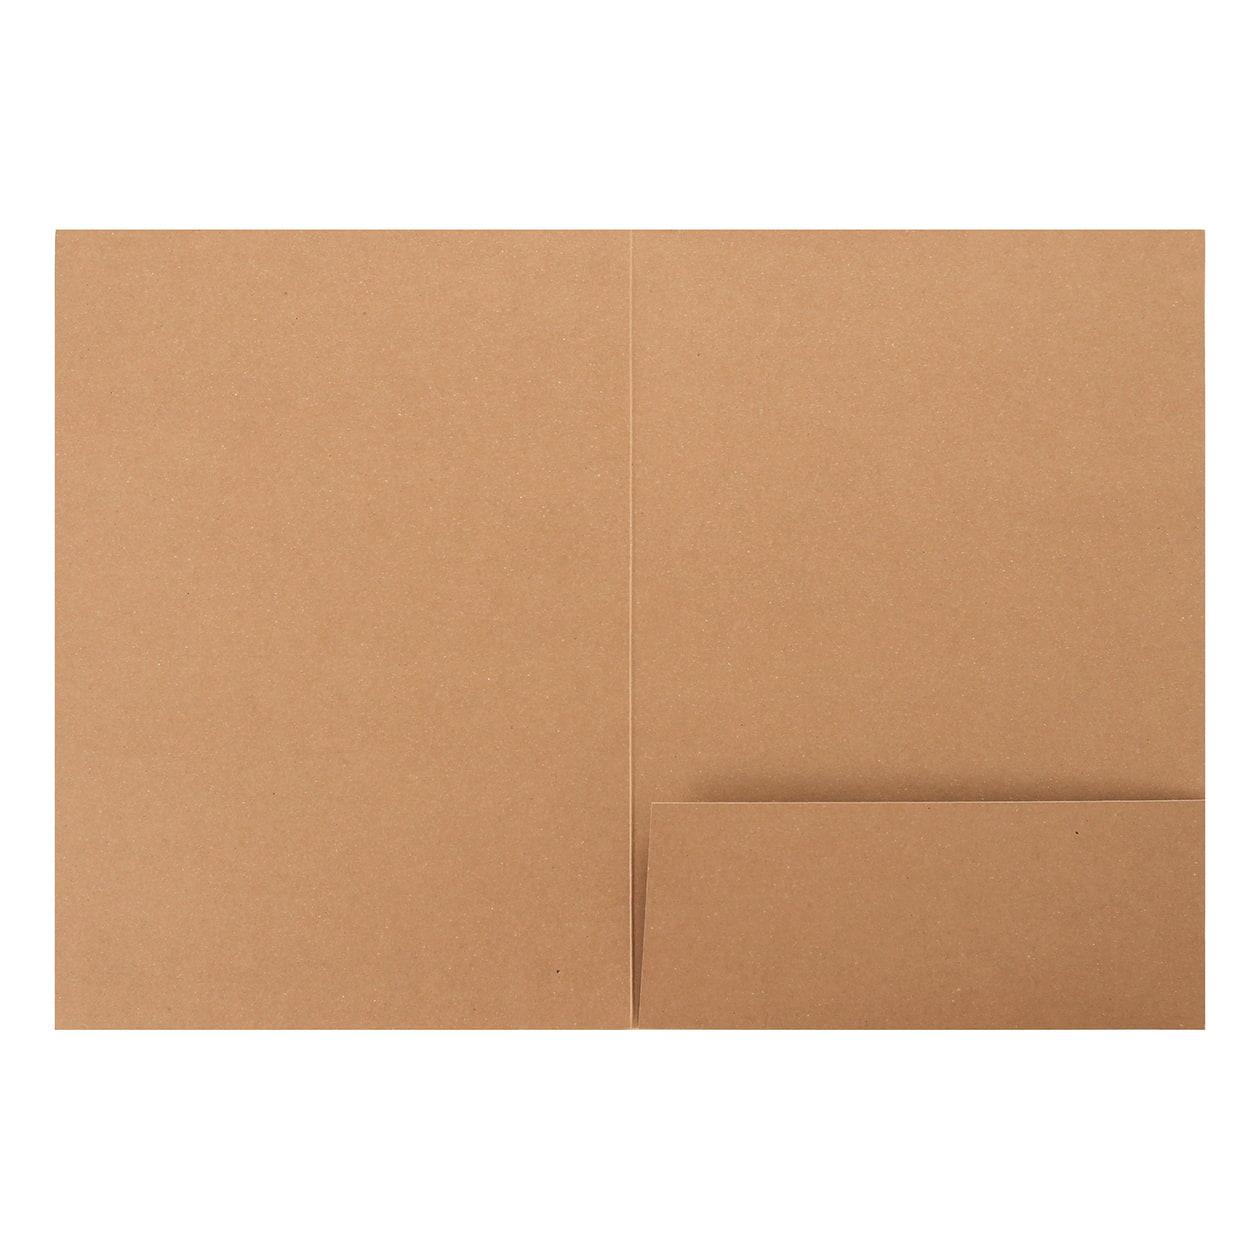 A4フォルダー 1ポケット ボード紙 ブラウン 270g